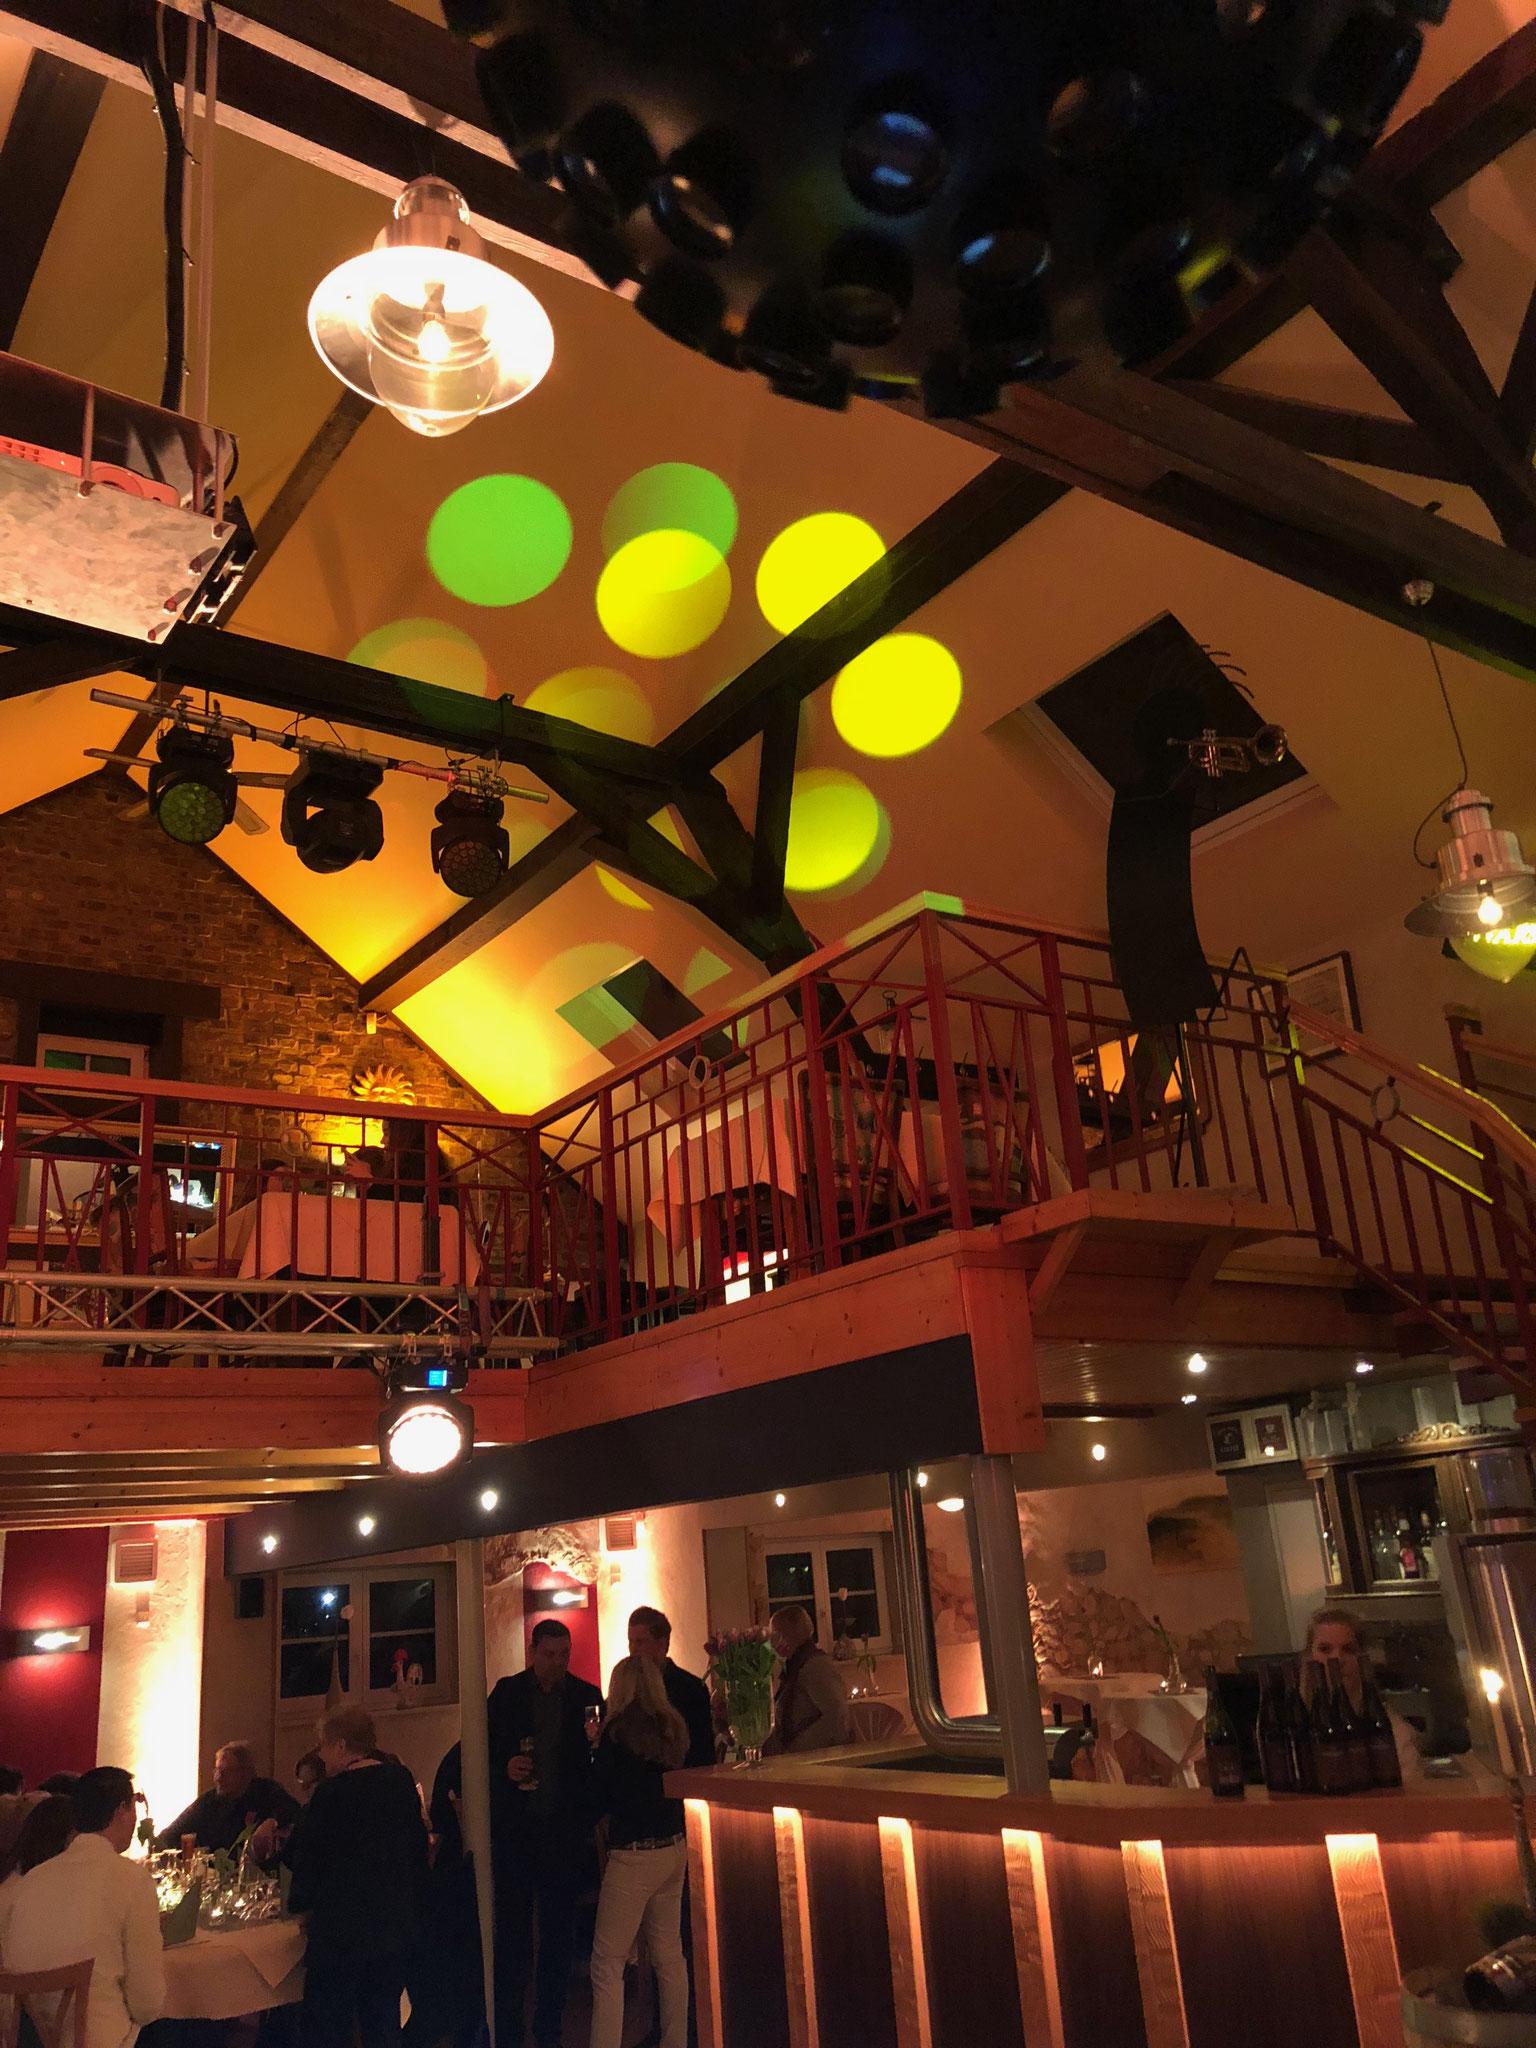 Gasthof Hagedorn Haus an der Geinegge in Hamm